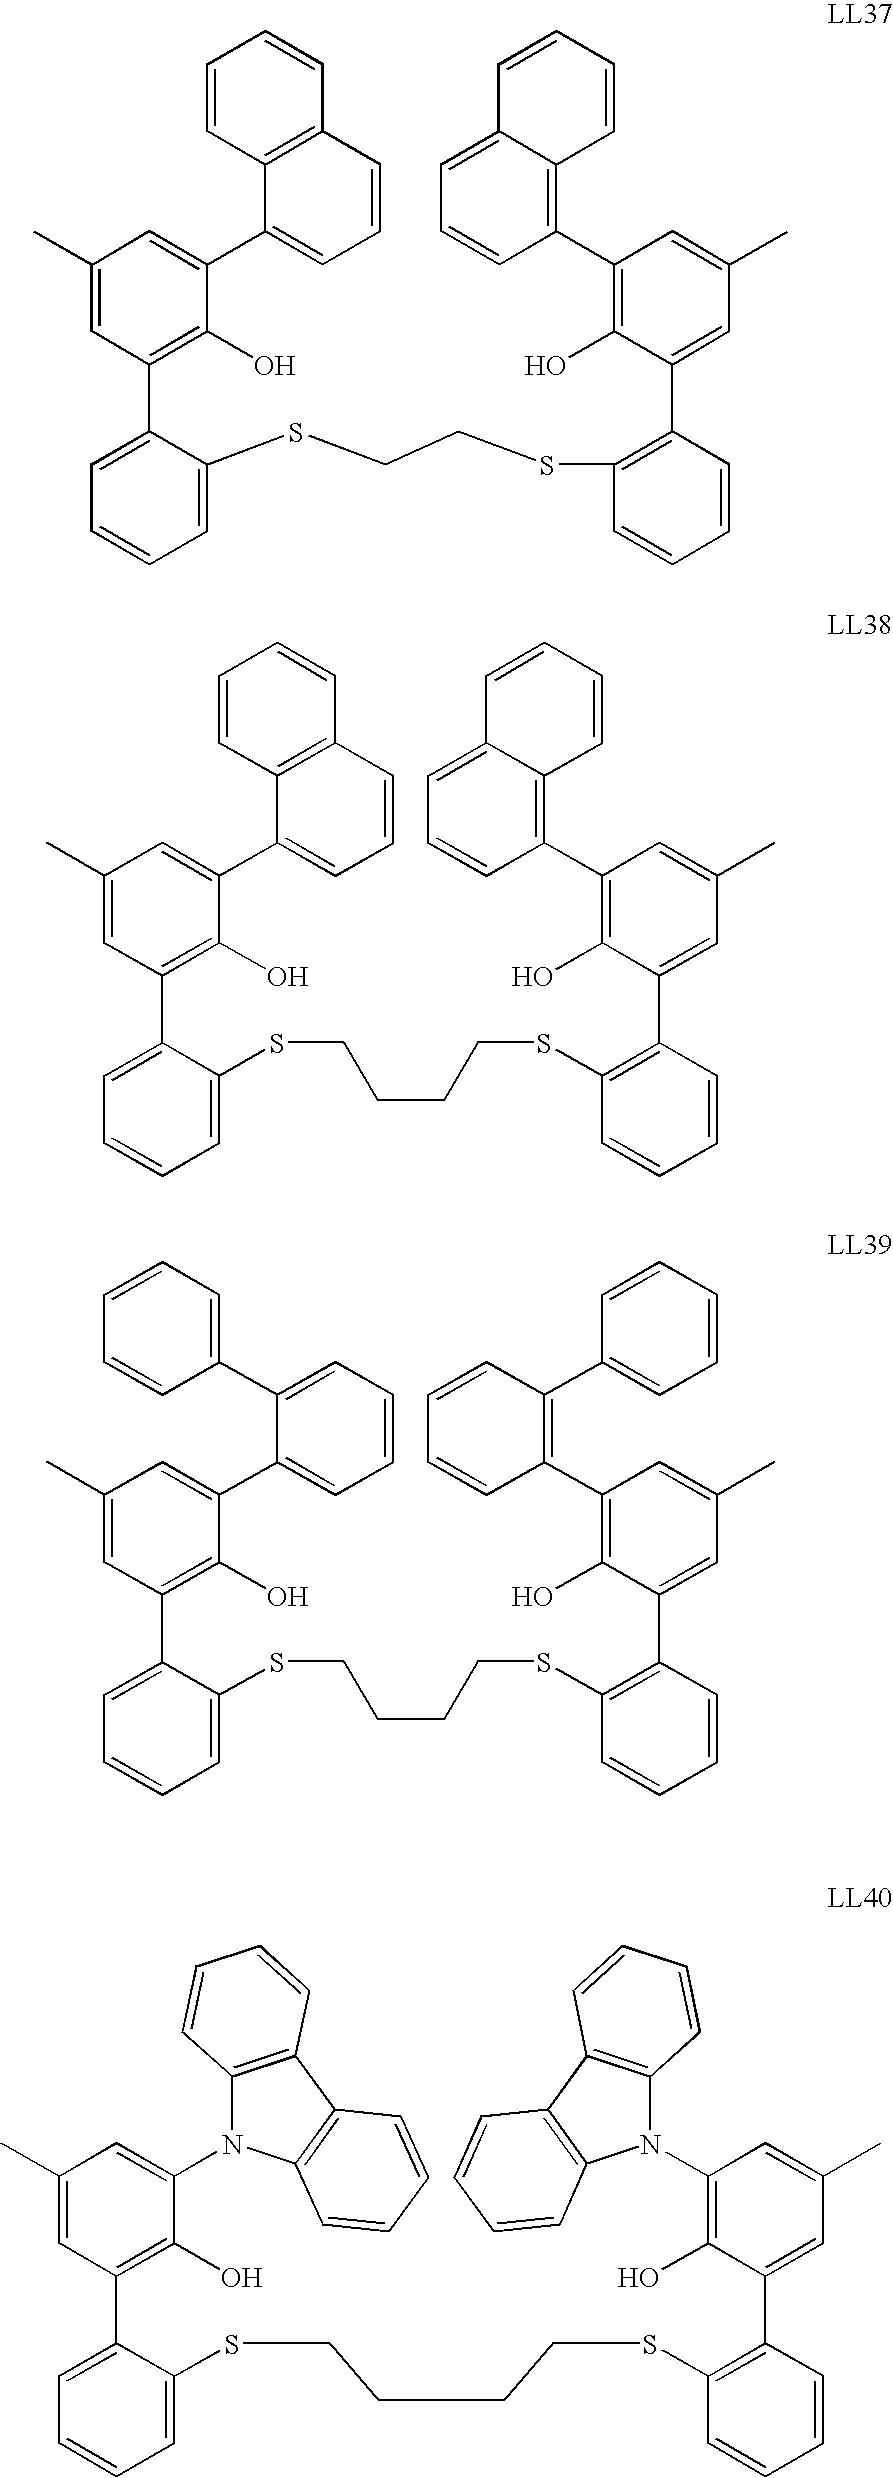 Figure US07241715-20070710-C00015